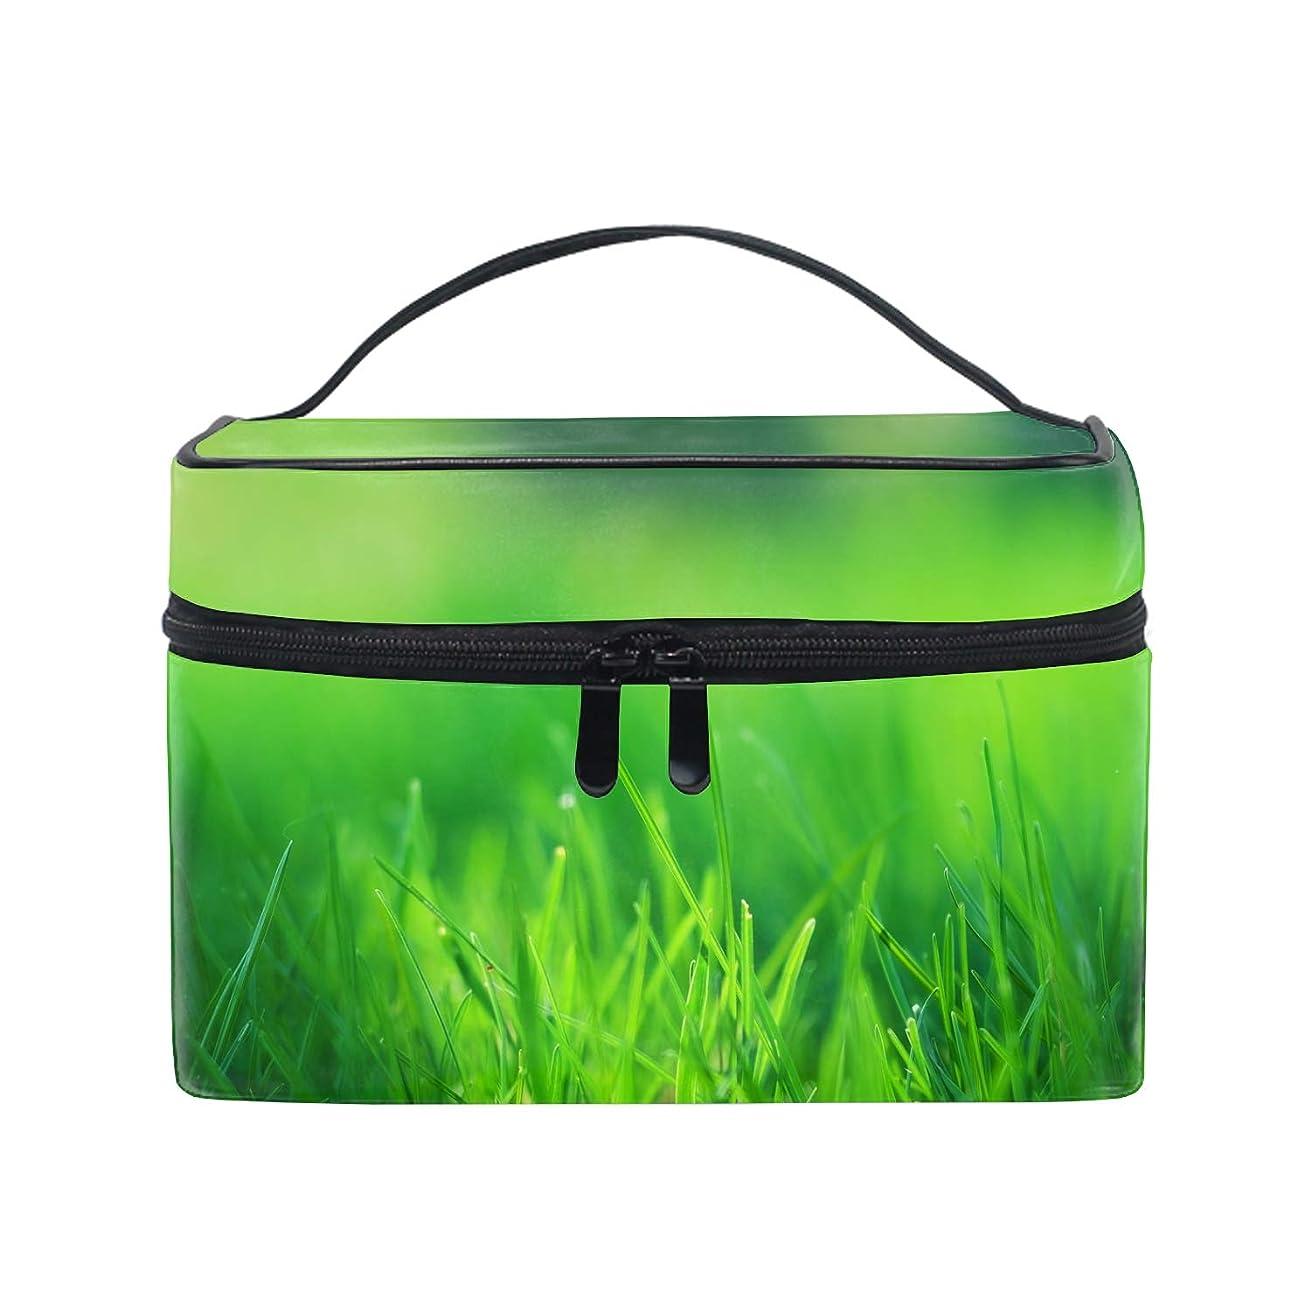 高さ干渉するテロリスト化粧ポーチ 化粧品 収納 コスメポーチ レディース ポーチ 大容量 軽量 防水緑の芝生フィールド